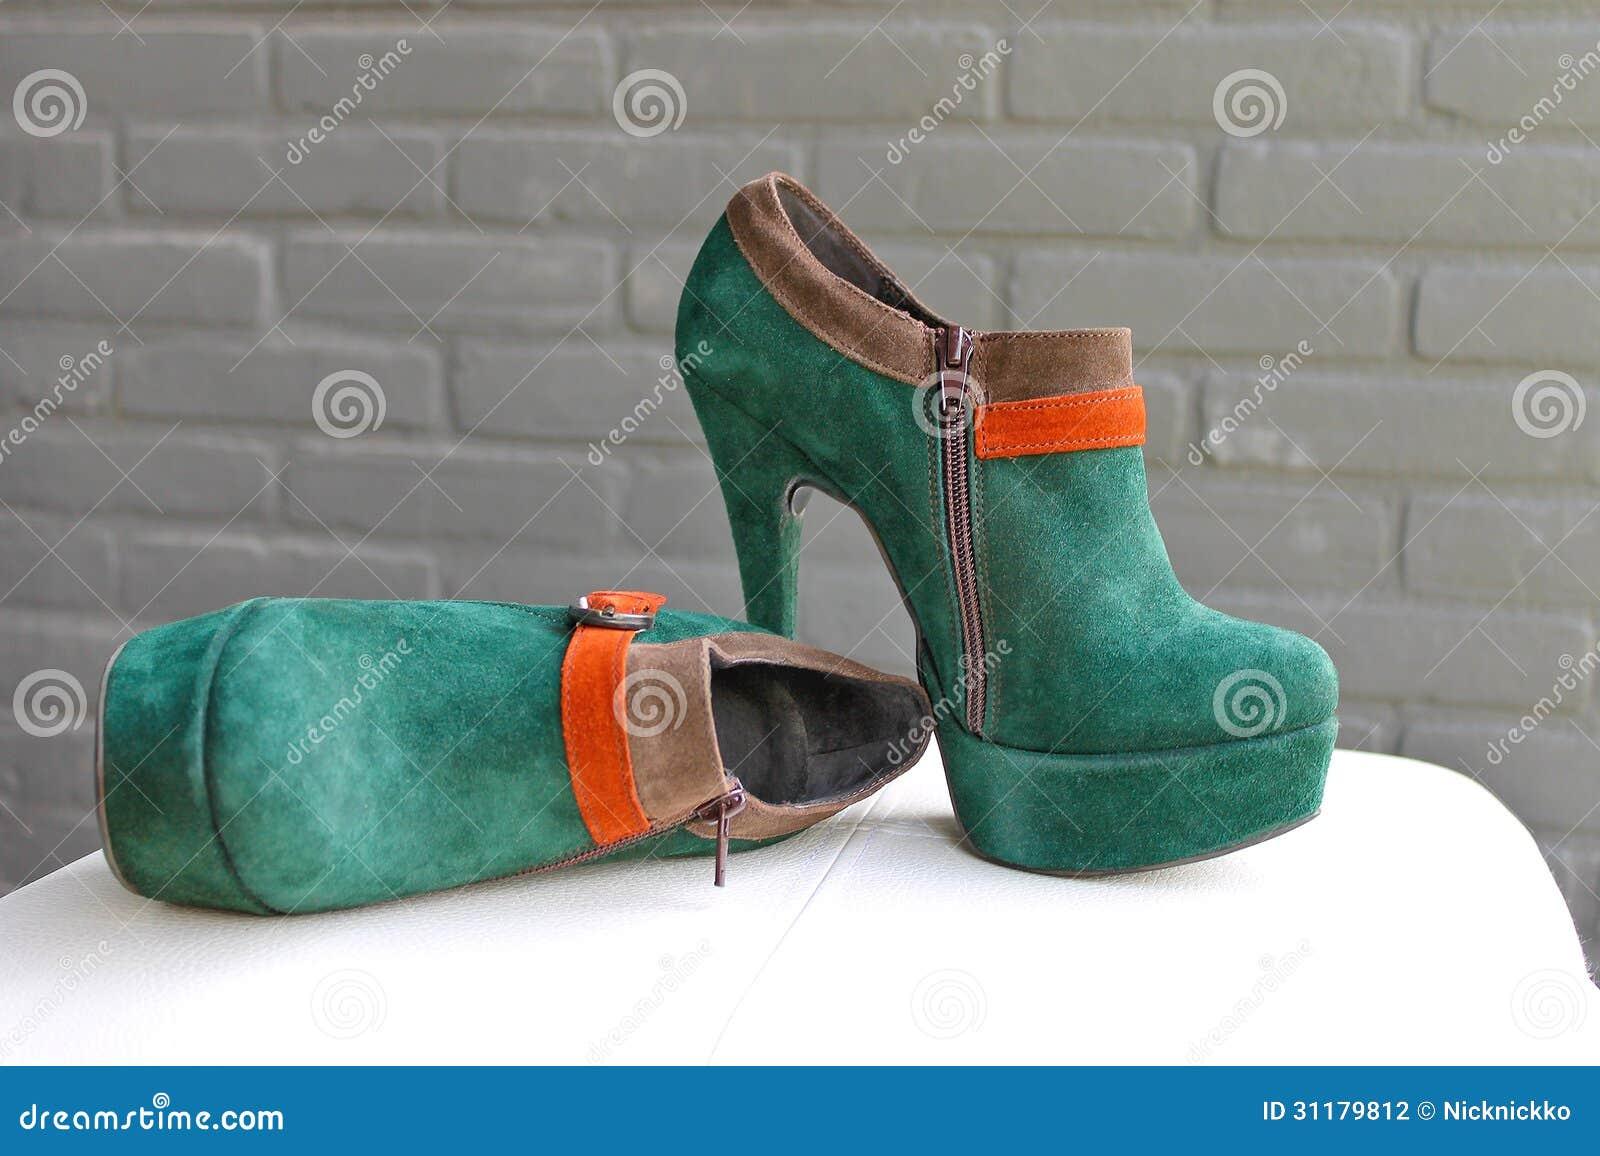 Dames de groene suèdeschoenen